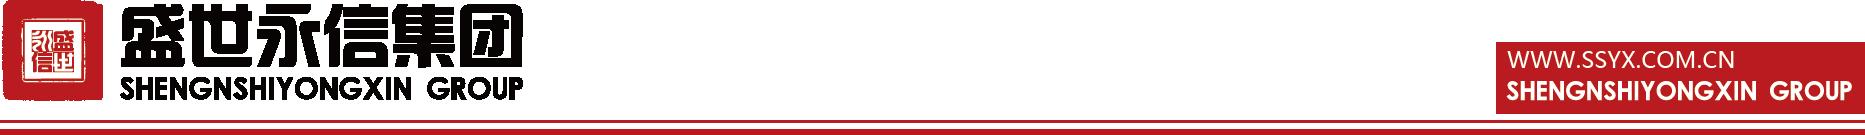 北京盛世永信展覽展示有限公司